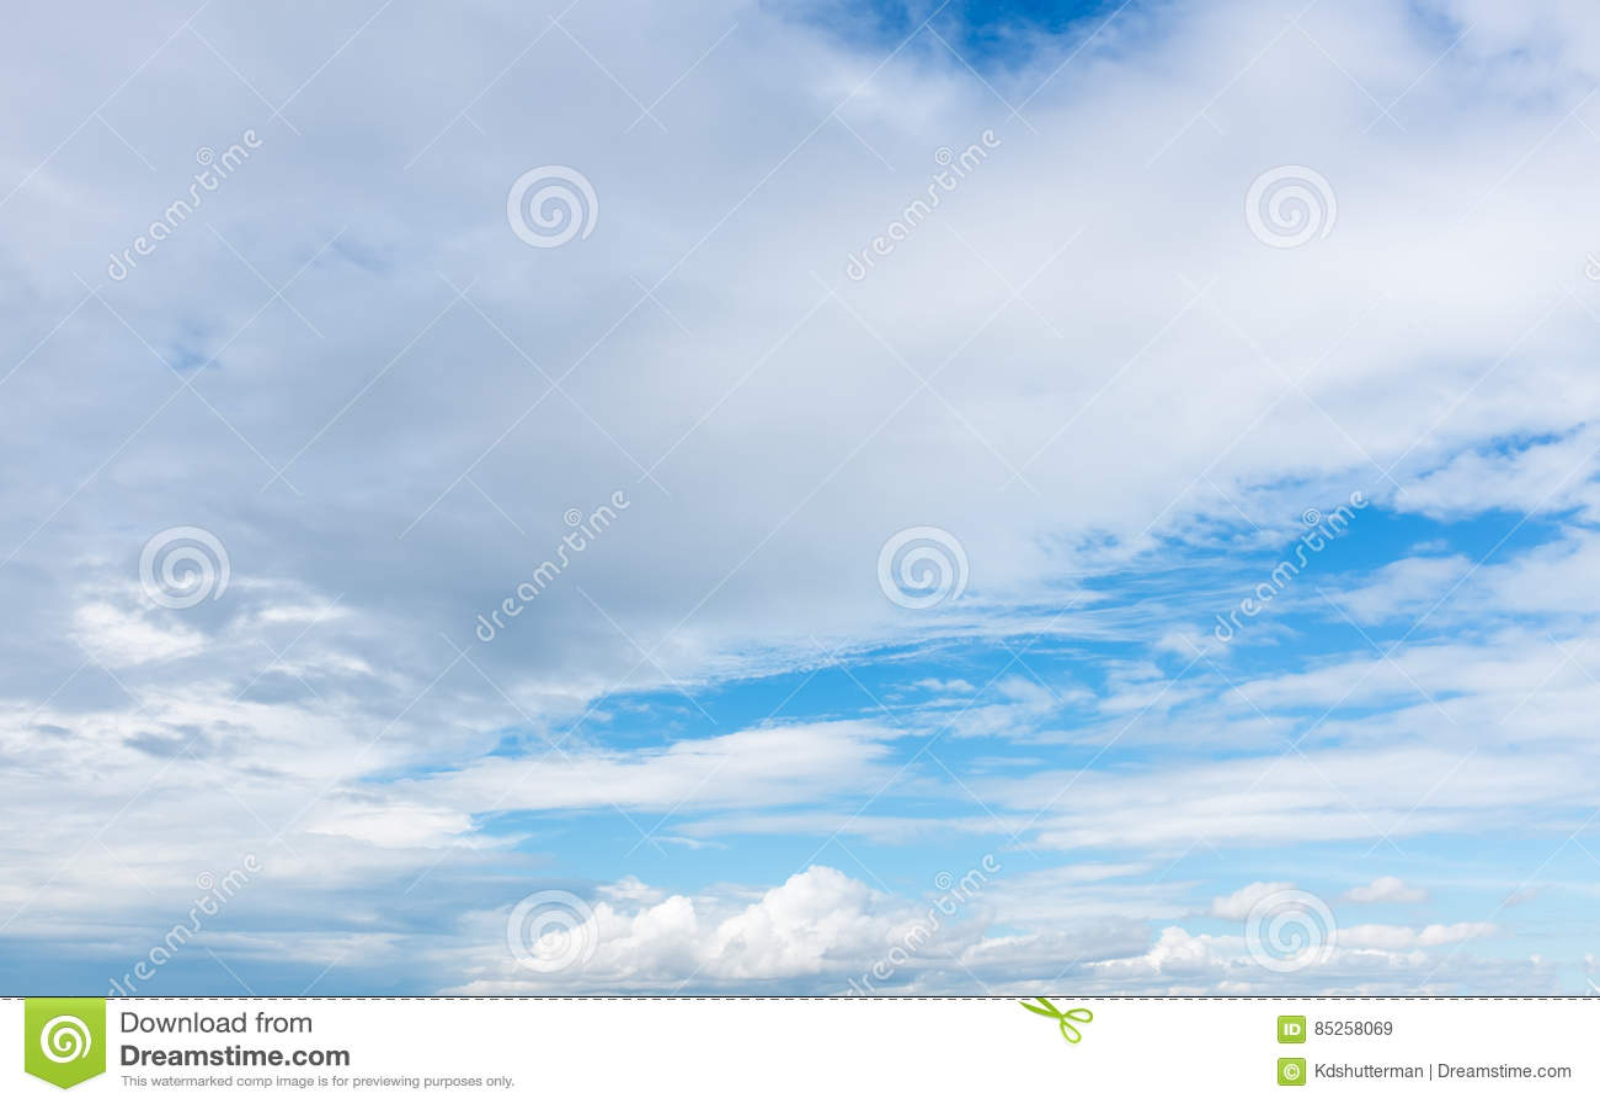 Mooie blauwe hemel met bewolkt De achtergrond van de aard outdoors